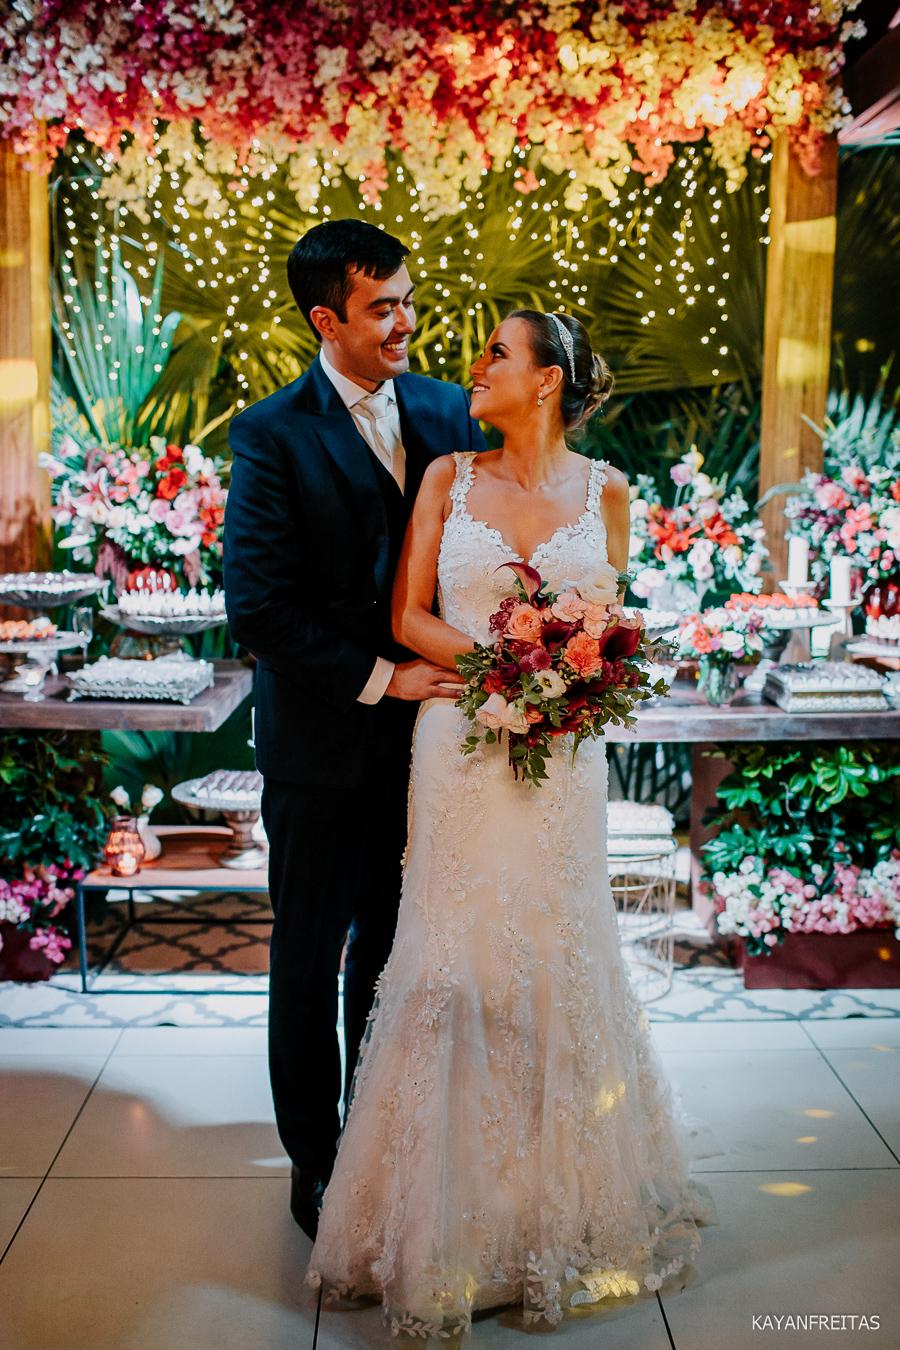 carol-eduardo-casamento-0096 Casamento Carol e Eduardo - São José / SC